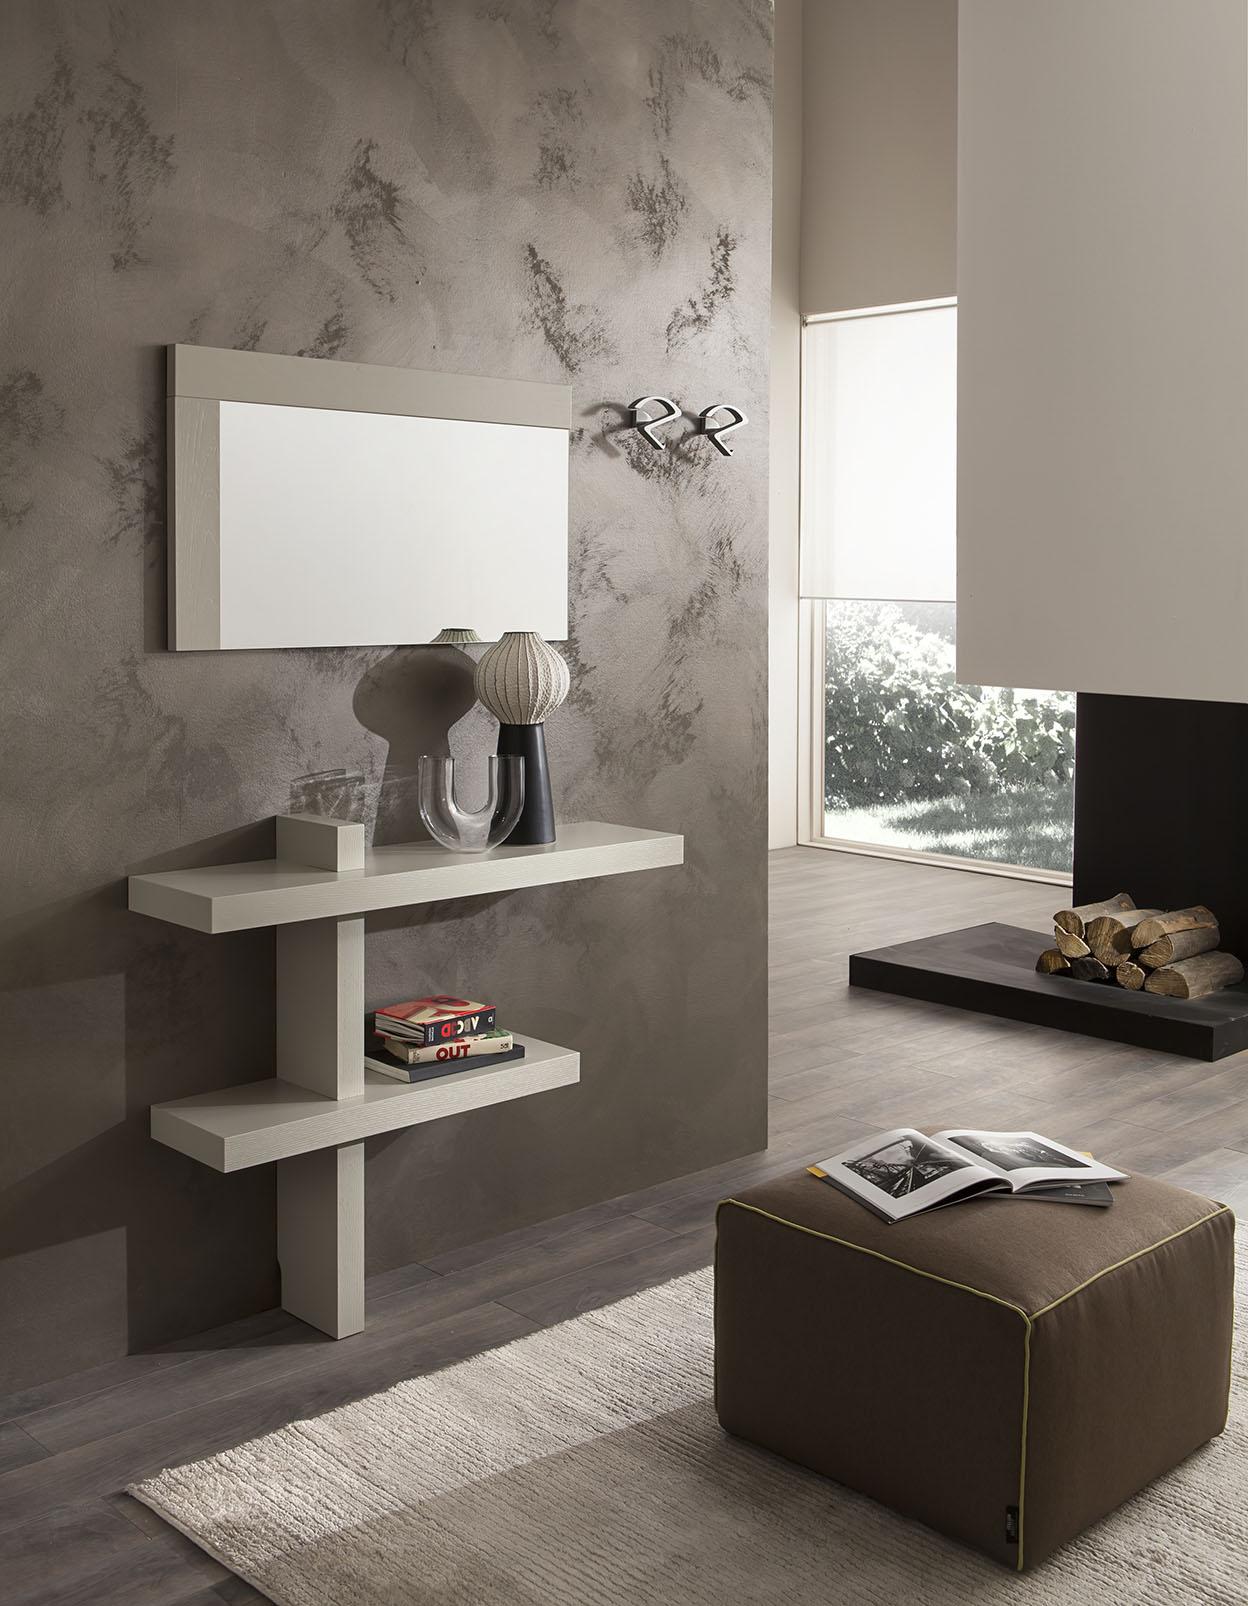 Arredamento Moderno Per Ingresso.Ingresso Moderno Sospeso Con Specchio E Vano A Giorno Sandy 520 00 Tutto Mobili Arredamento Camere Cucine Ufficio Roma